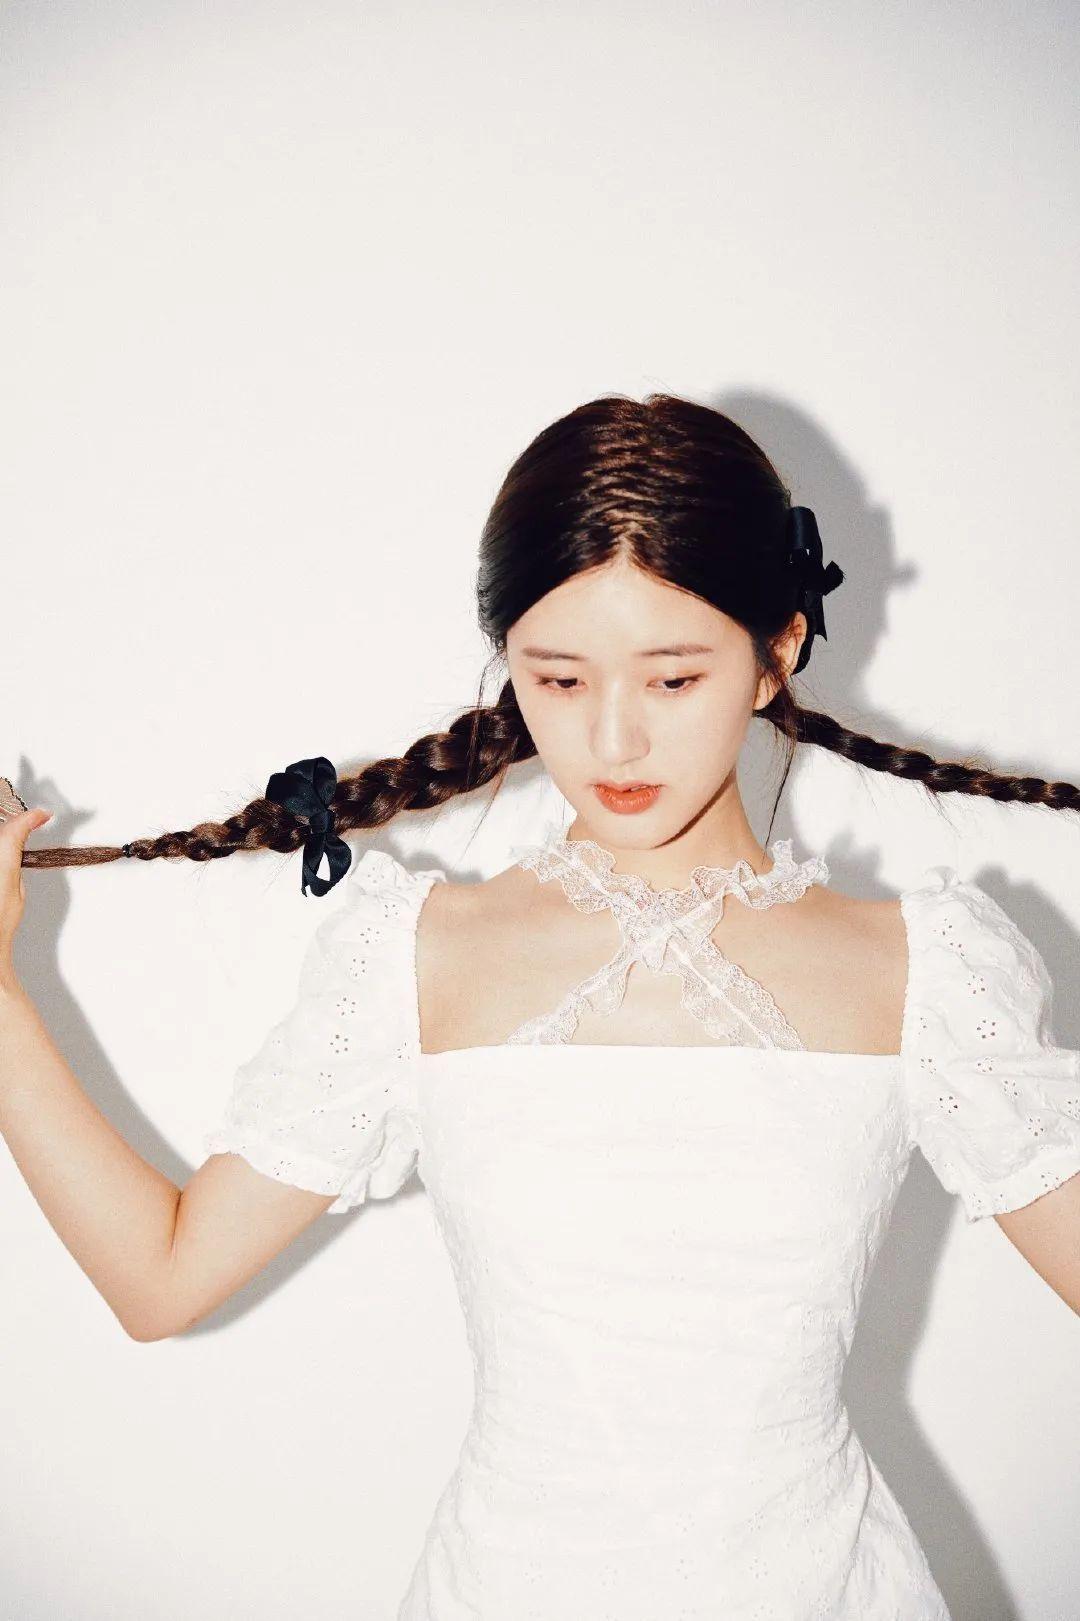 妹子写真 – 赵丽颖和赵露思,都是灵气十足的小仙女啊_图片 No.14